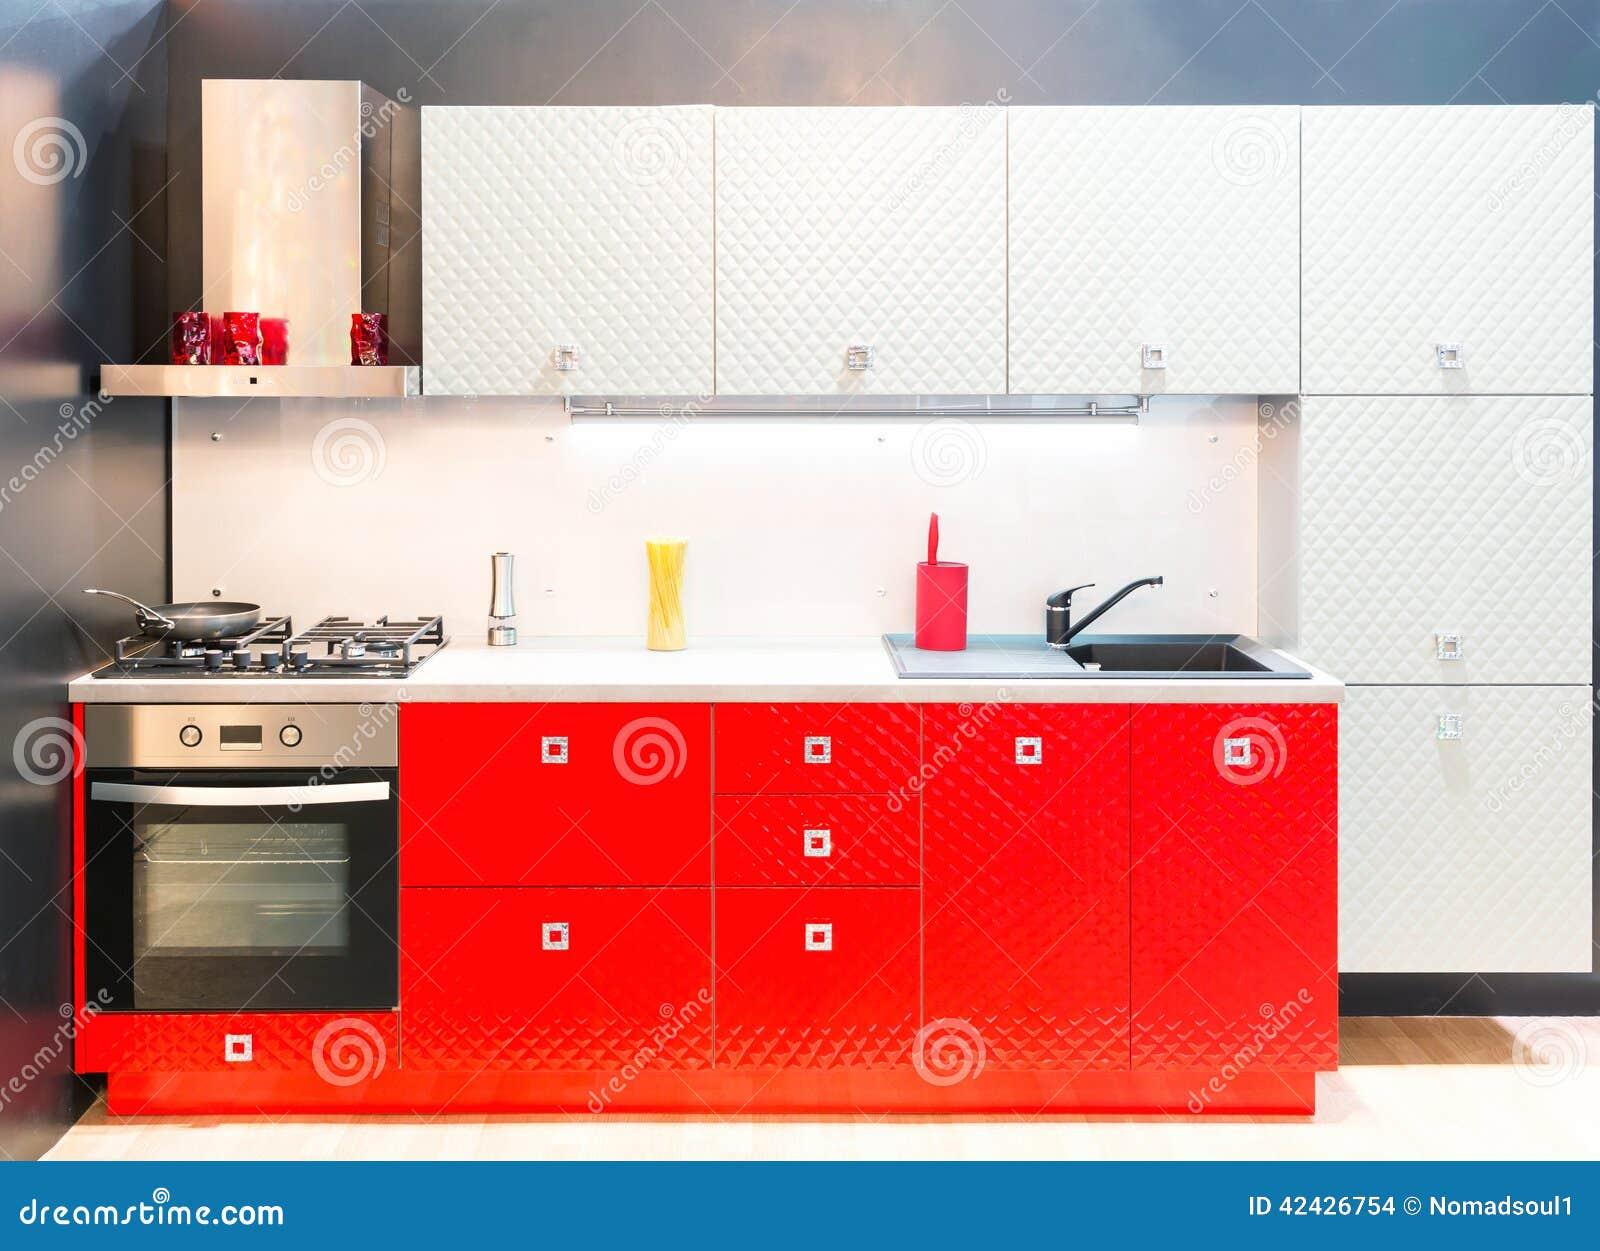 Tiro interior de la cocina moderna con la luz del estudio